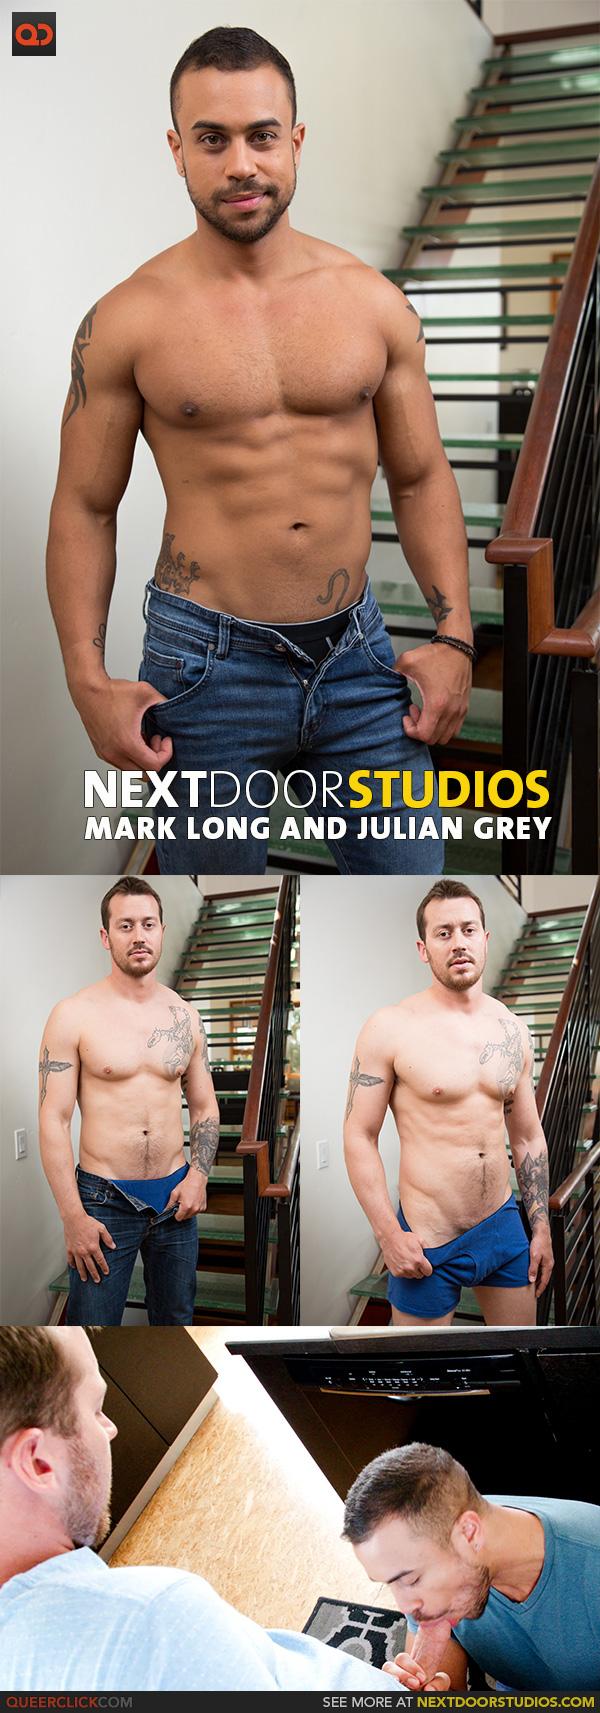 Next Door Studios:  Mark Long and Julian Grey